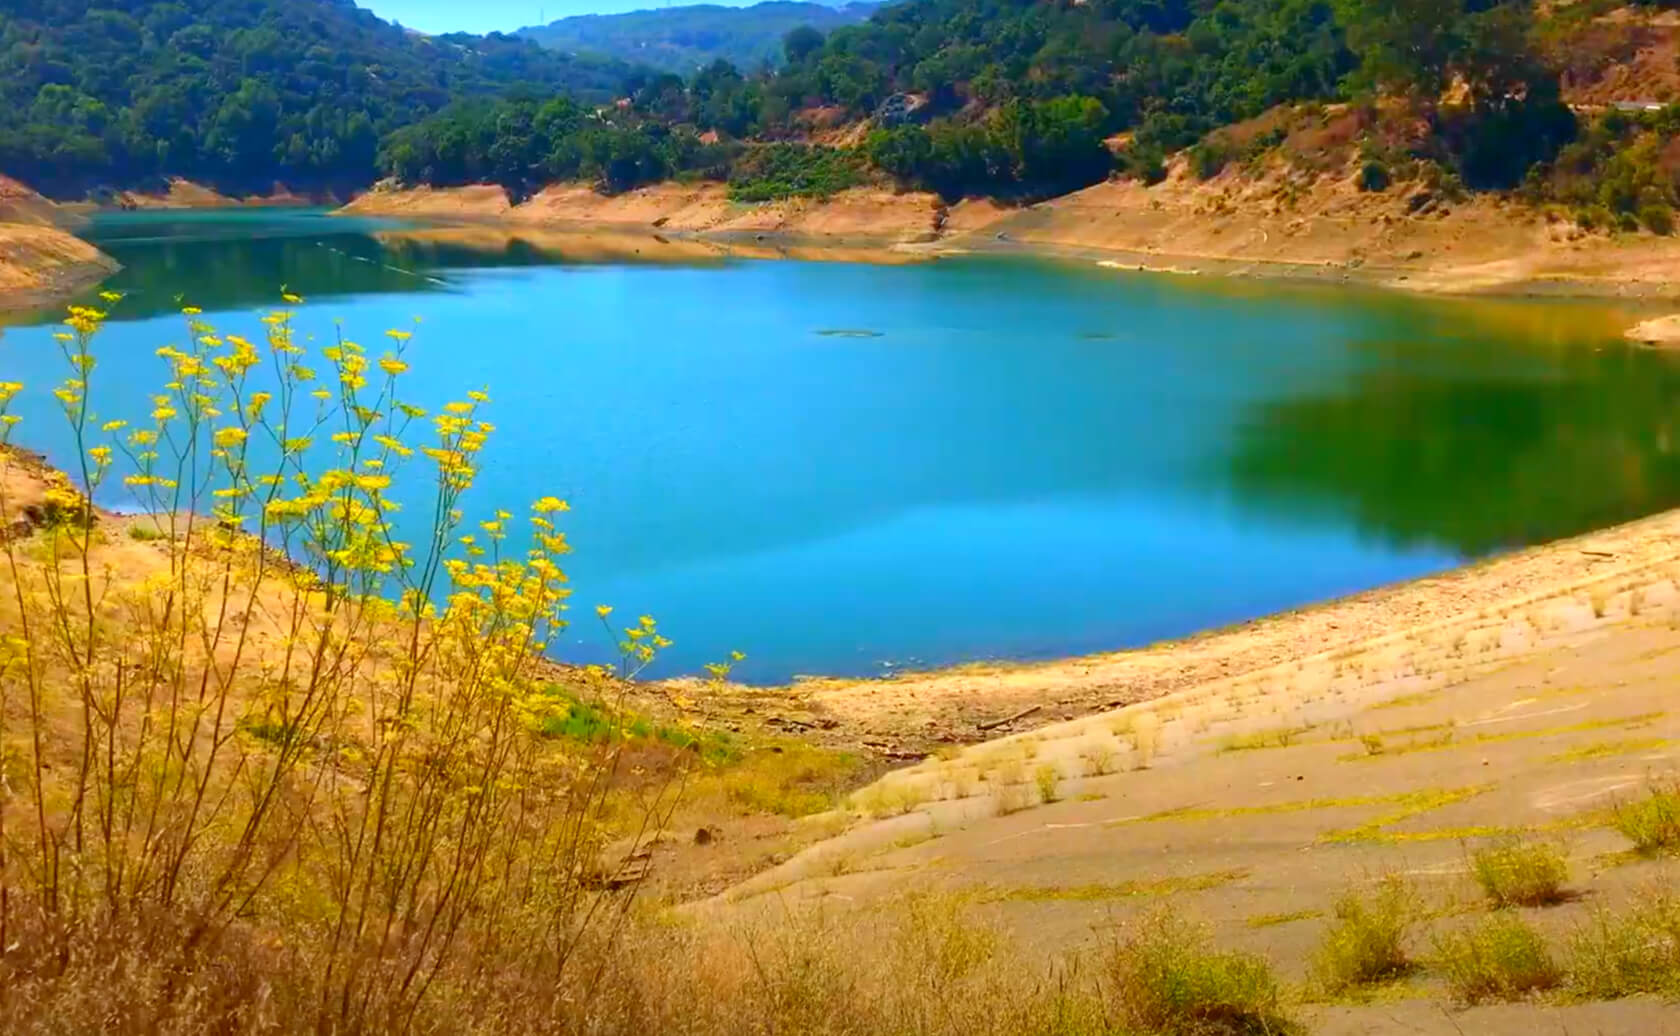 Almaden-Reservoir-Lake-Fishing-Guide-Report-San-Jose-CA-03